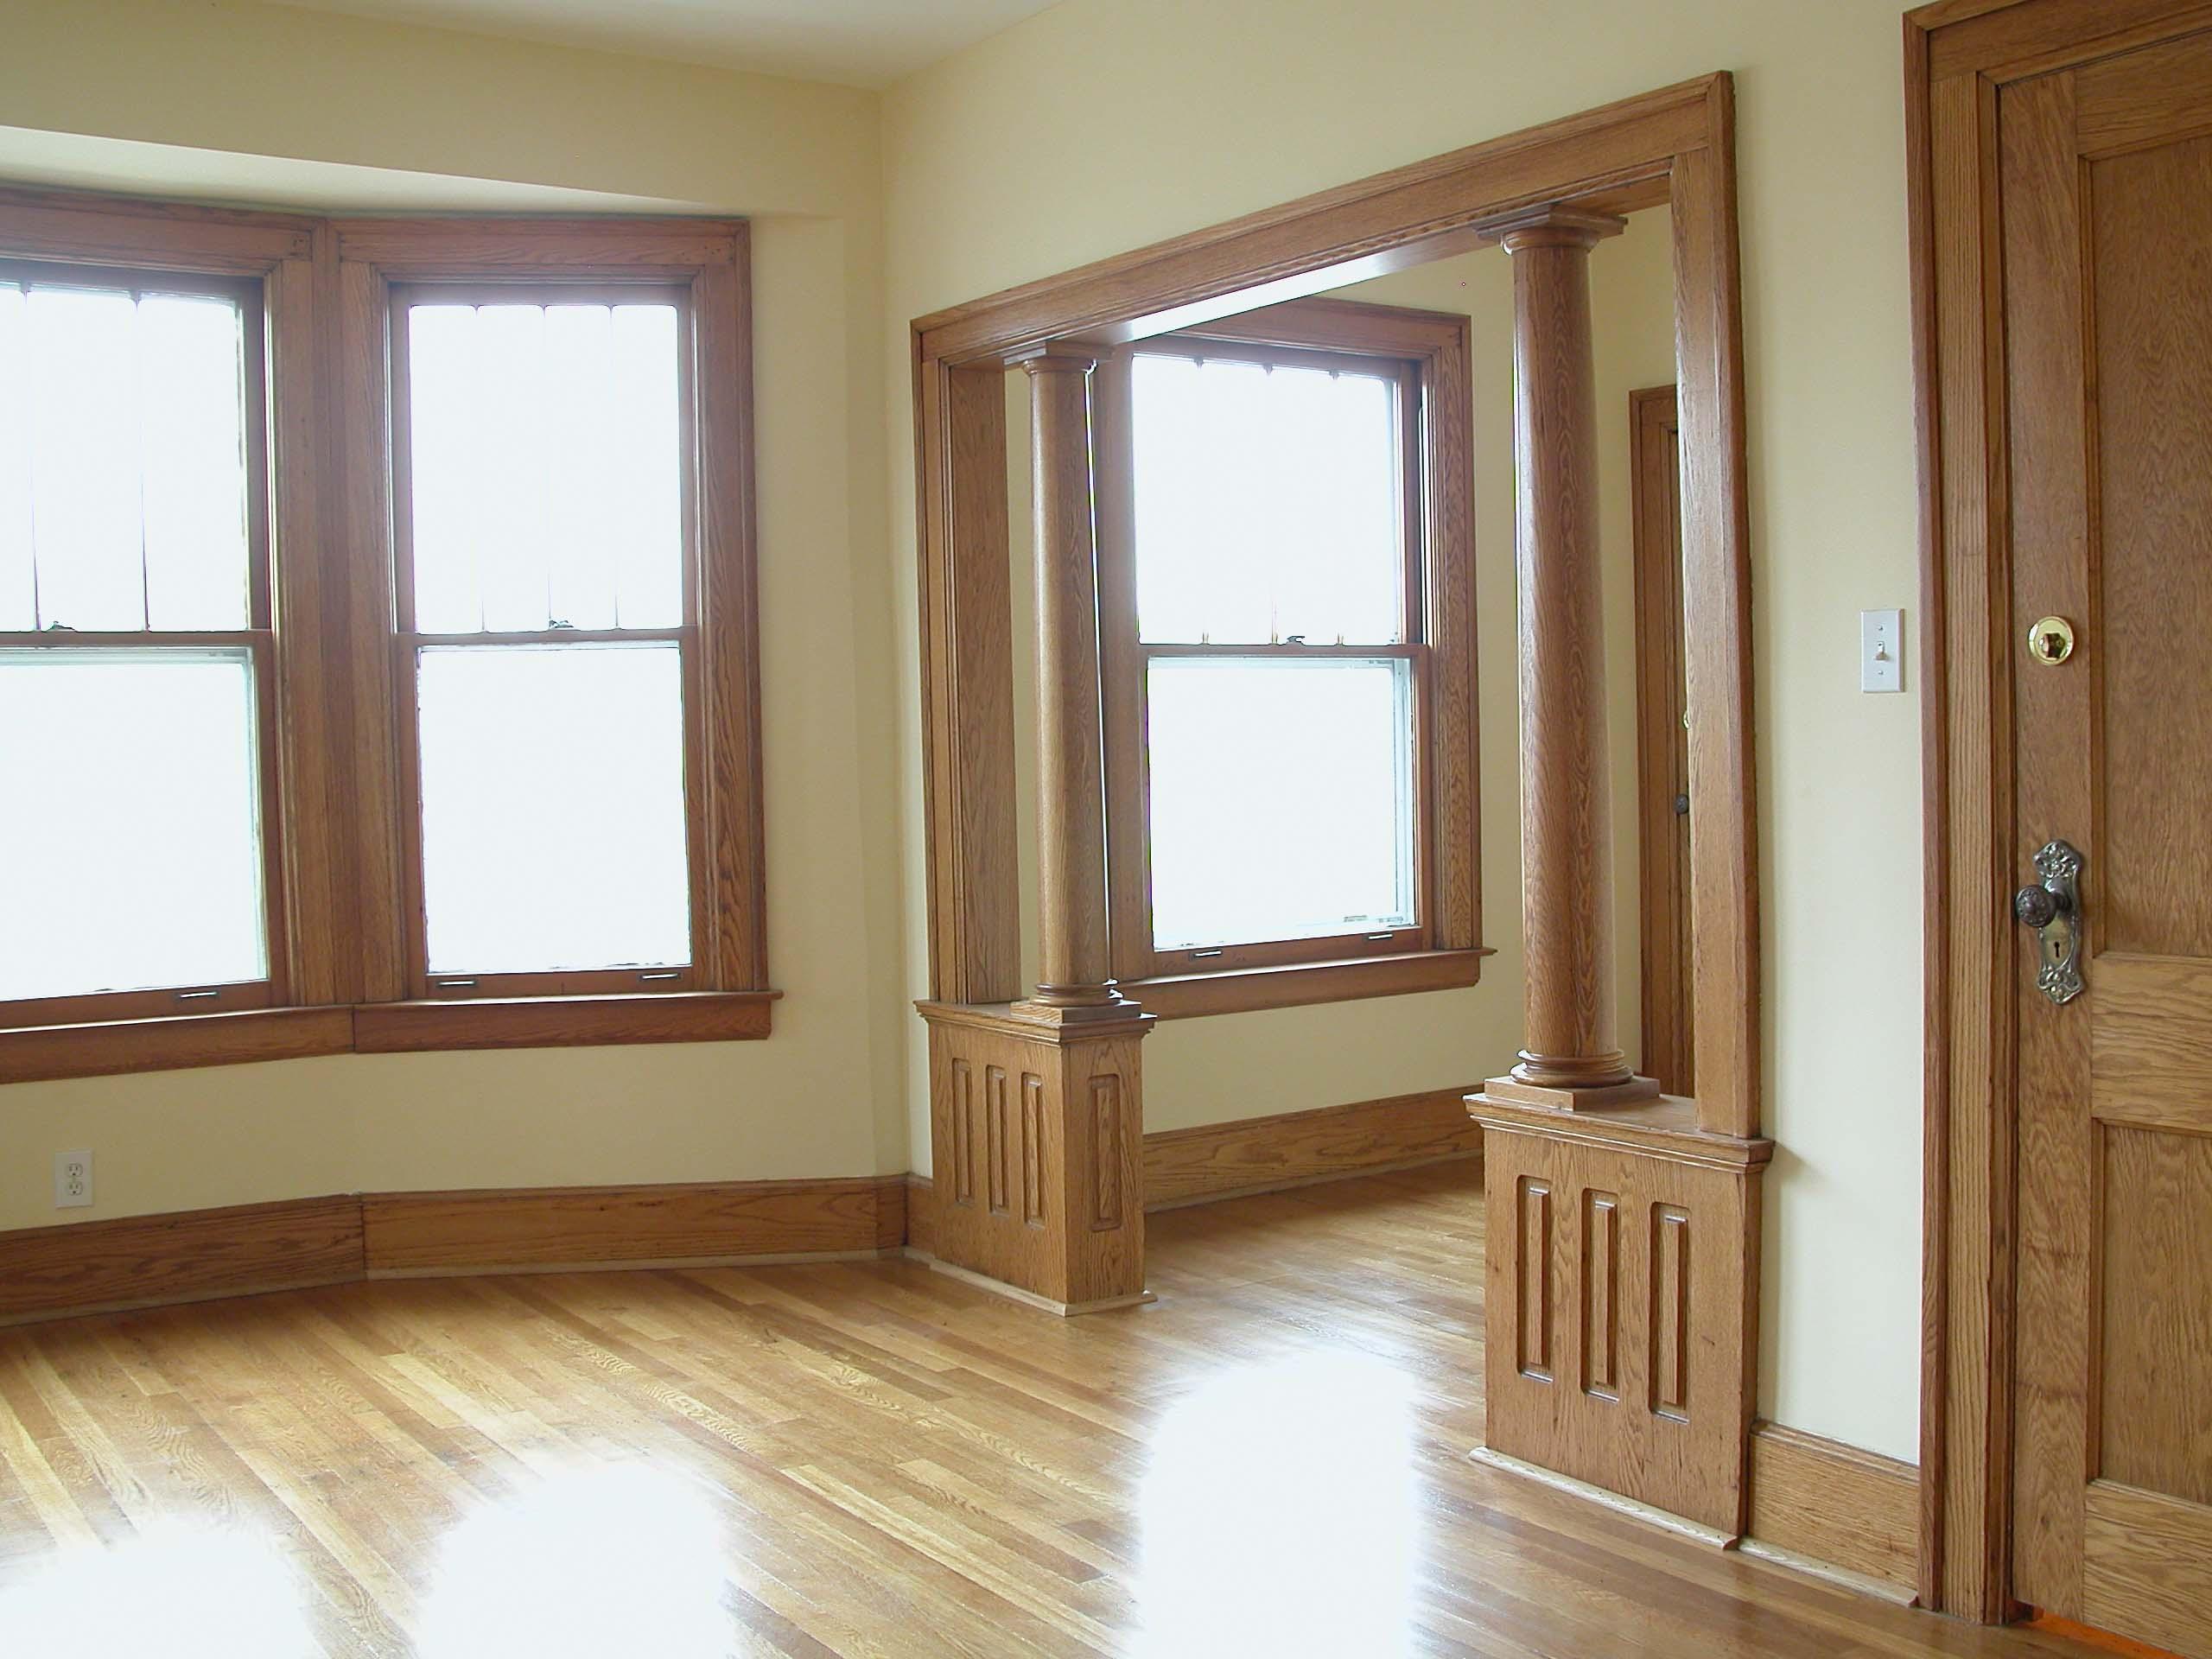 holden authentic restoration detroit. Black Bedroom Furniture Sets. Home Design Ideas